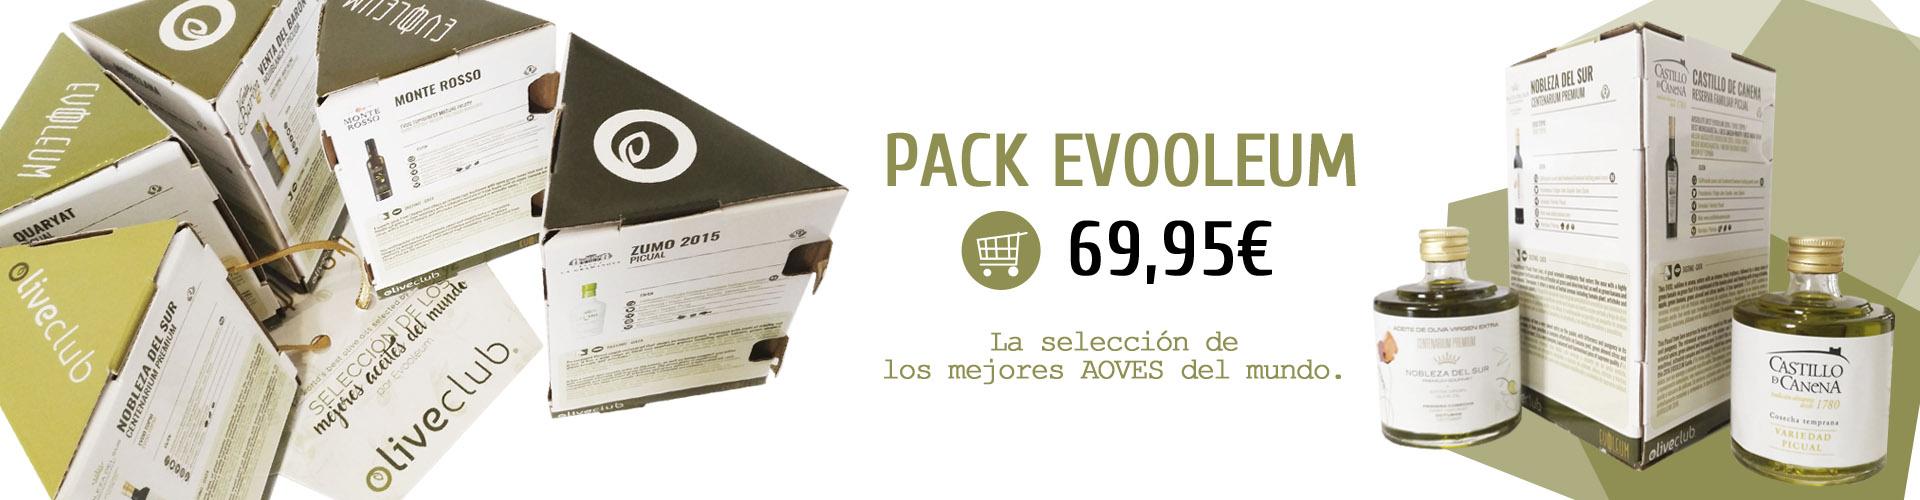 Pack Evooleum